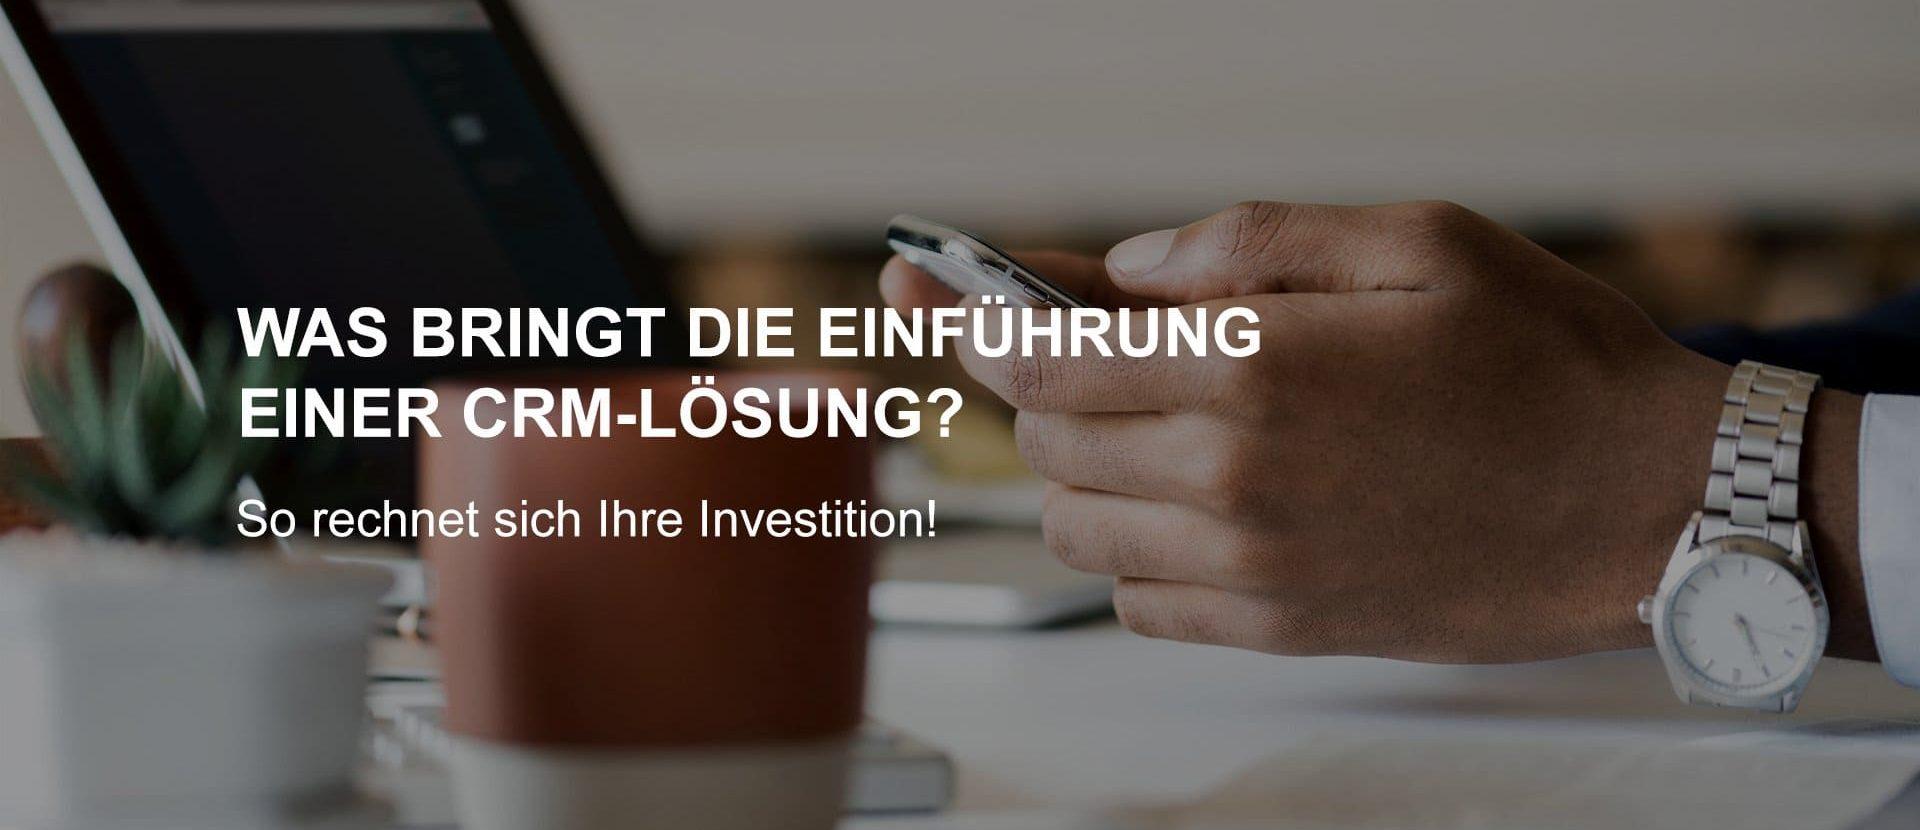 Was bringt die Einführung einer CRM-Lösung?